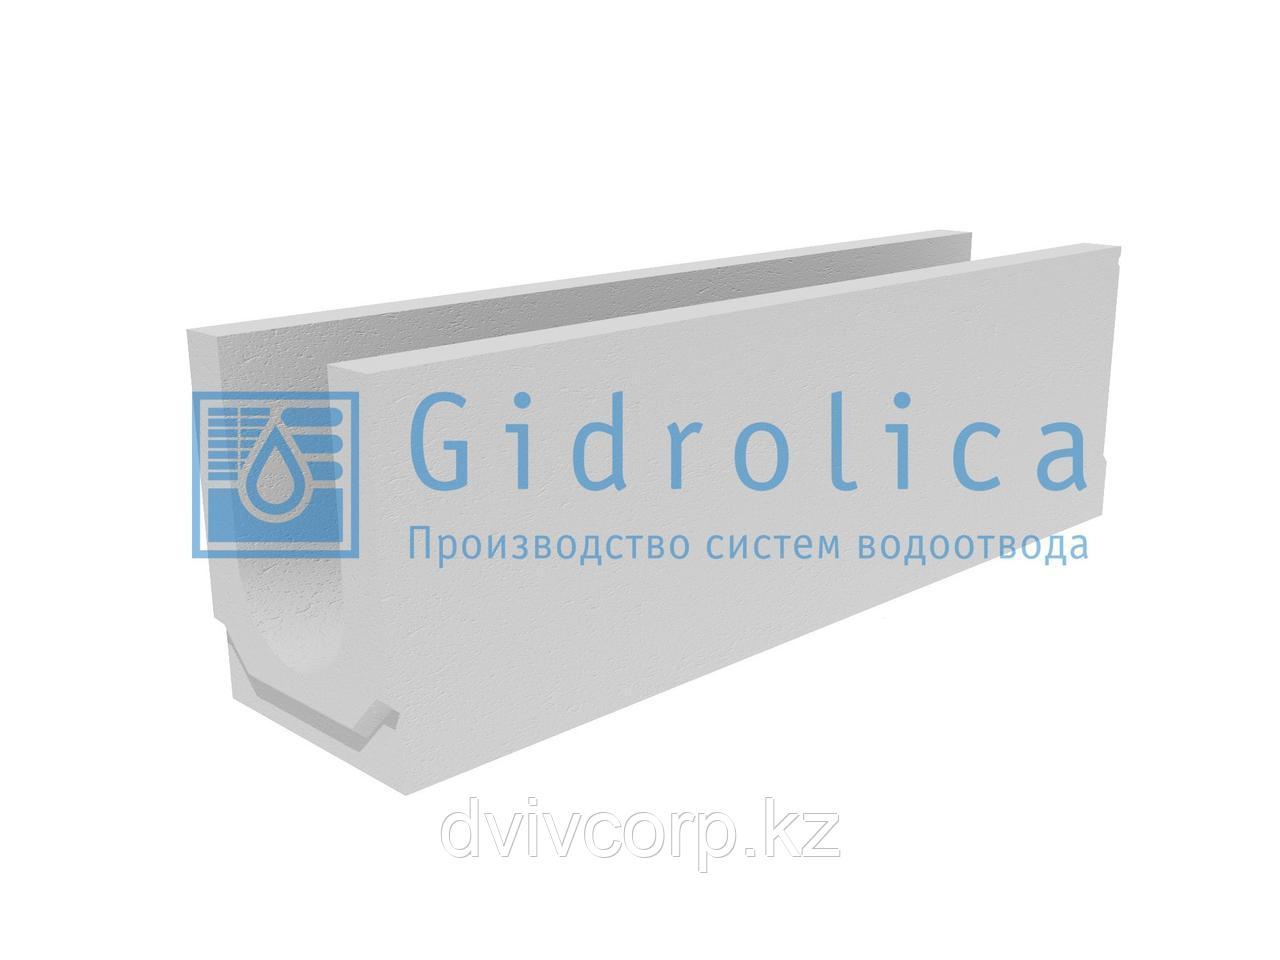 Лоток водоотводный бетонный коробчатый (СО-150мм)КU 100.24,8 (15).31,5(25)-BGU, № 15-0